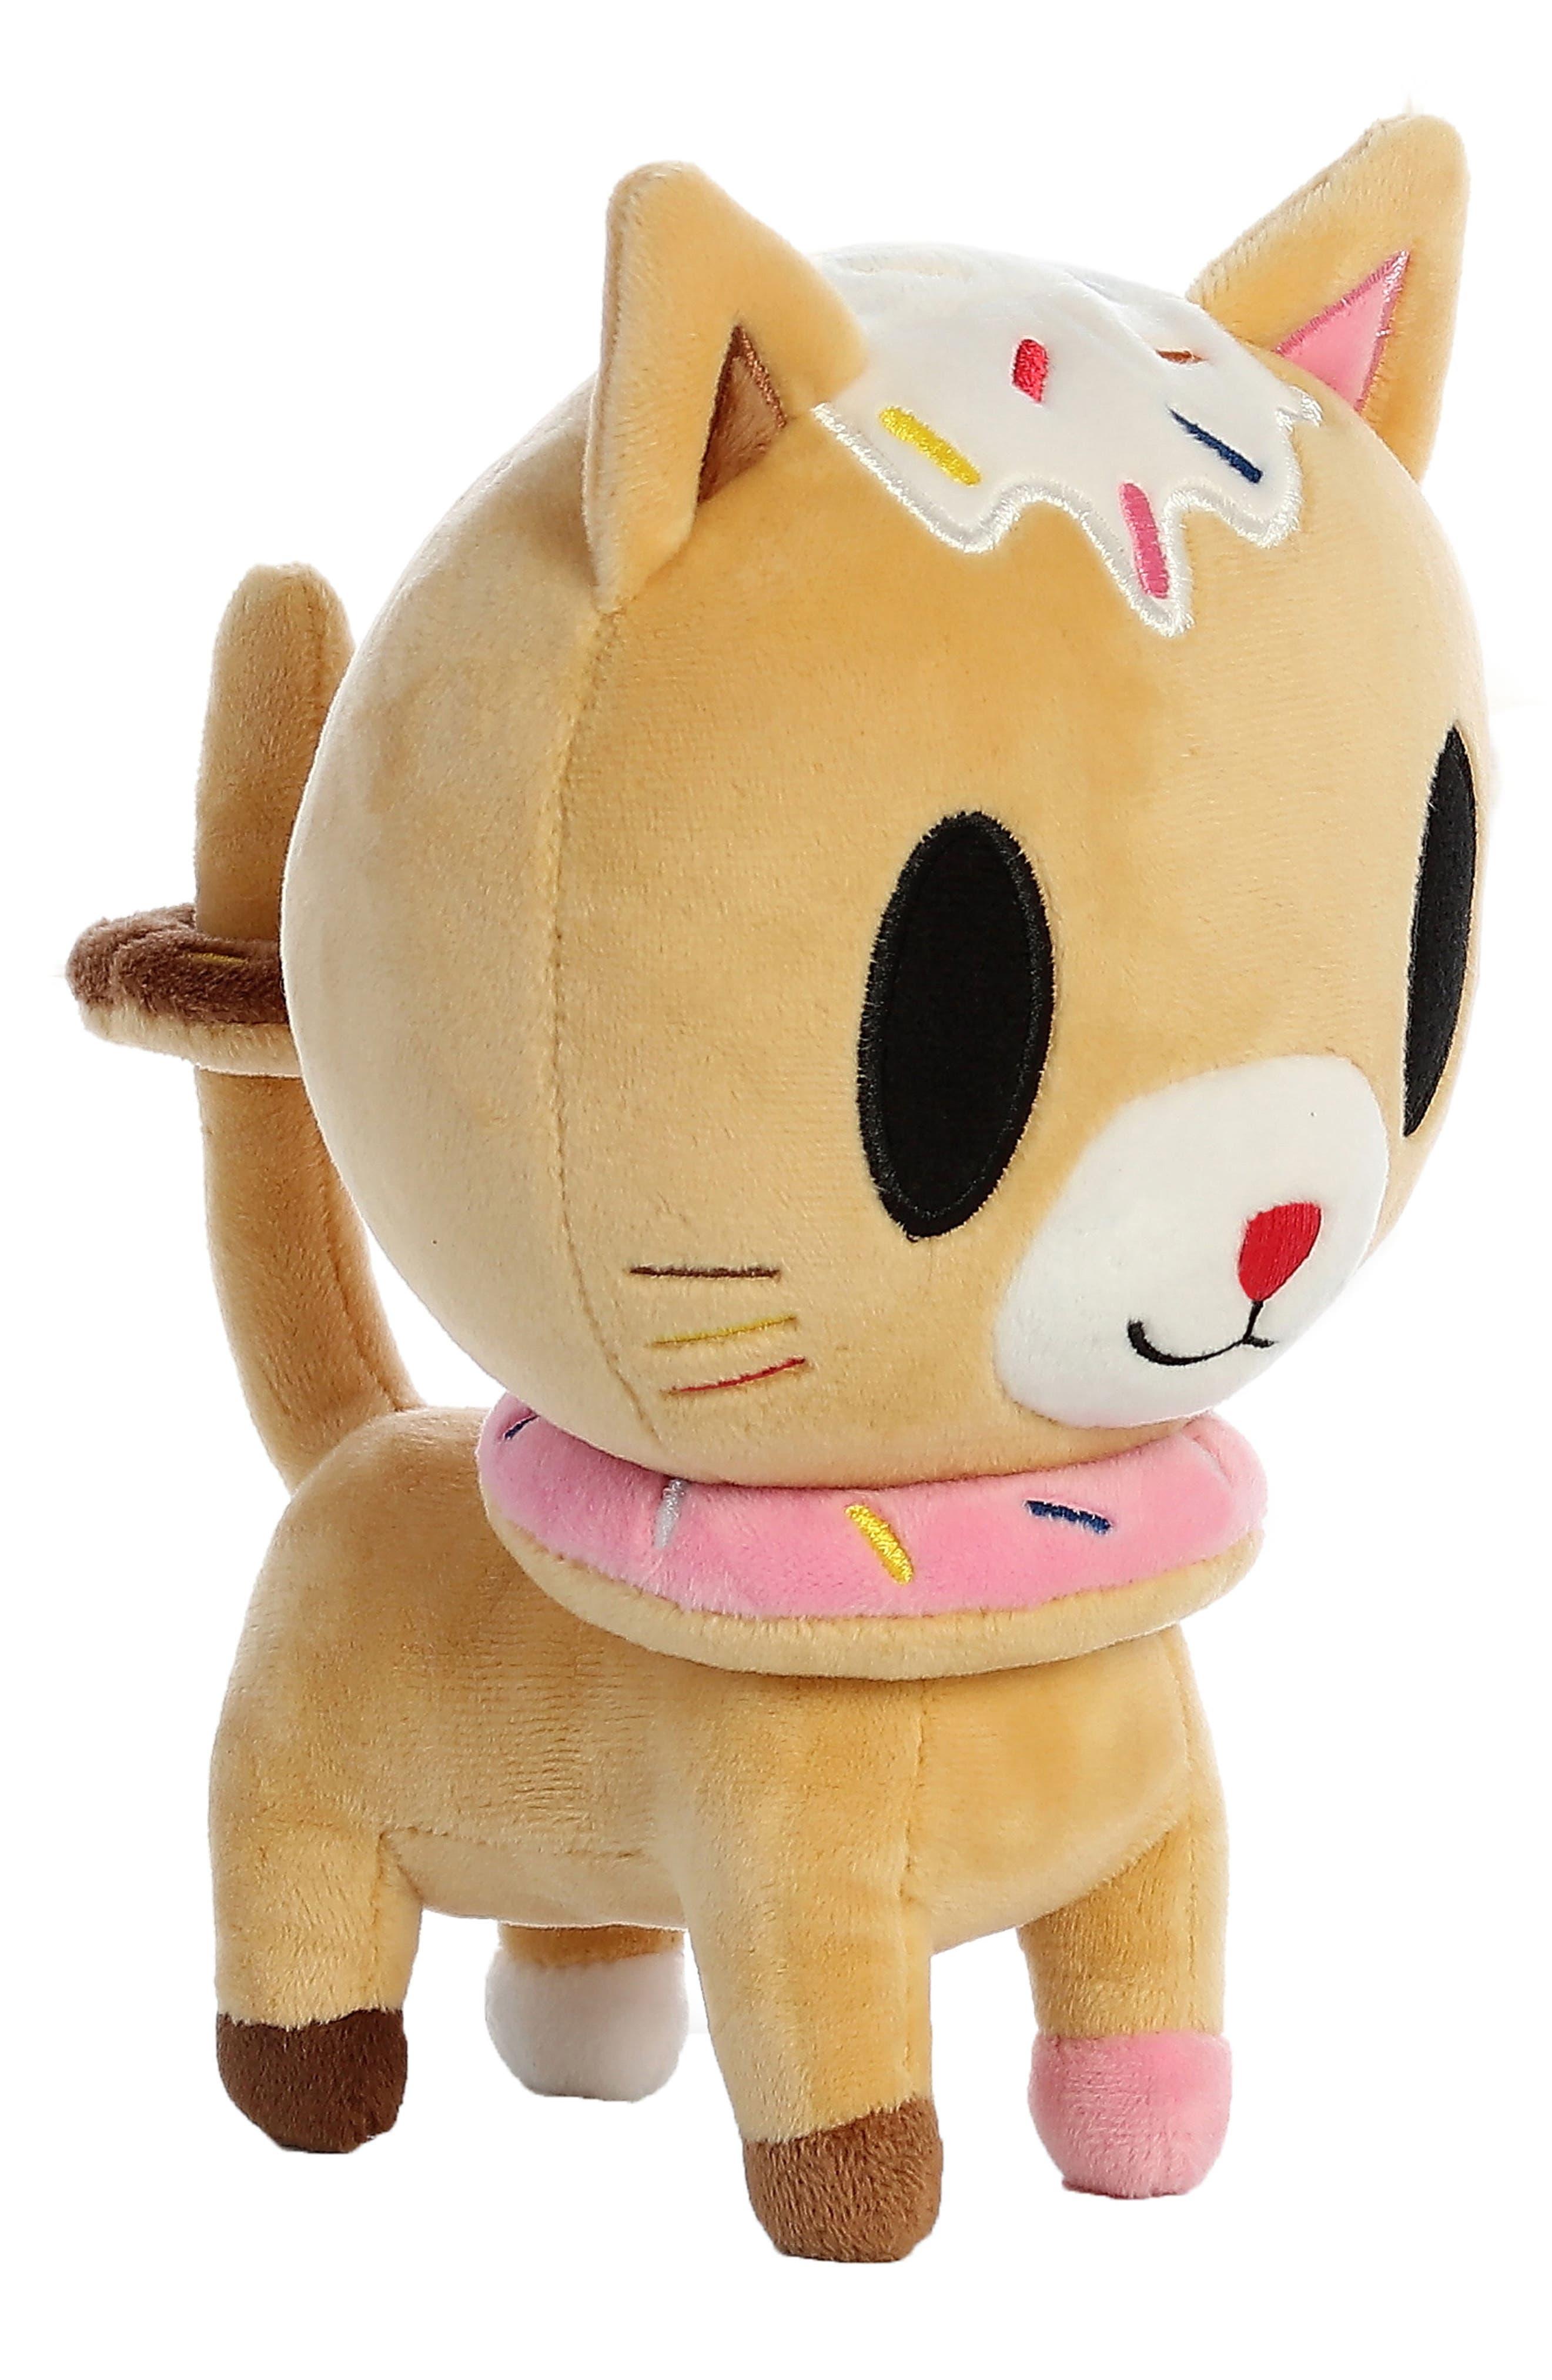 Aurora World Toys x tokidoki Biscottino Stuffed Animal